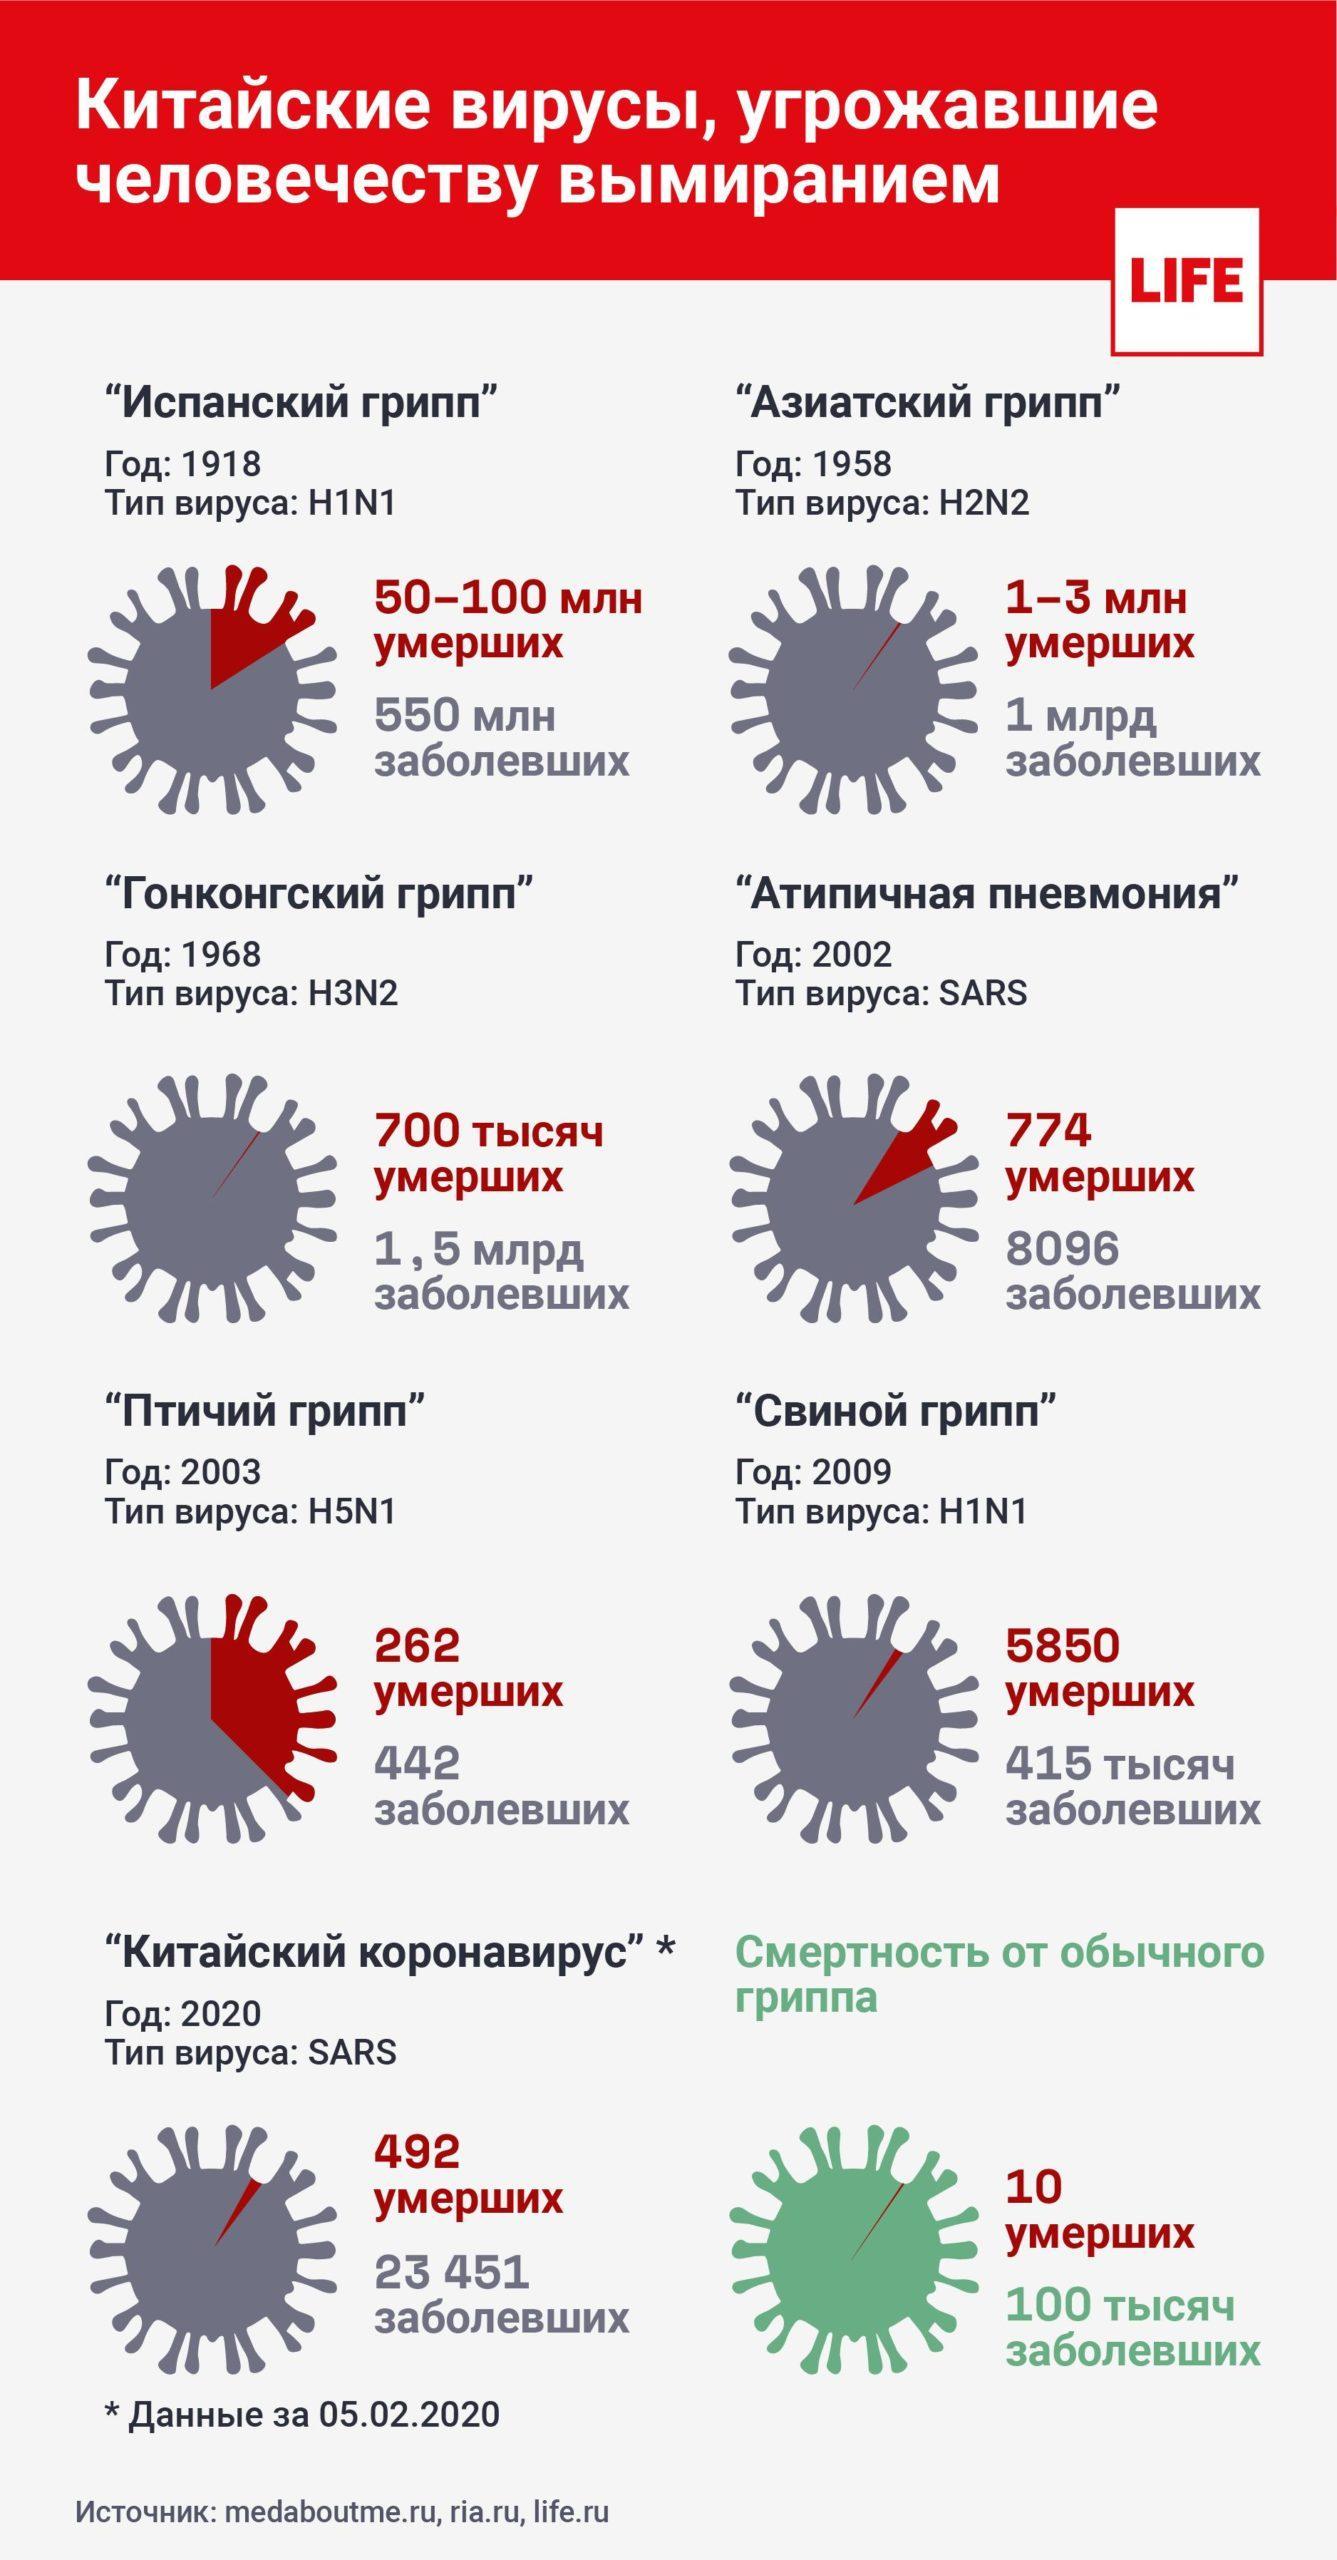 Симптомы коронавируса и как передается, лечение и профилактика, последние новости